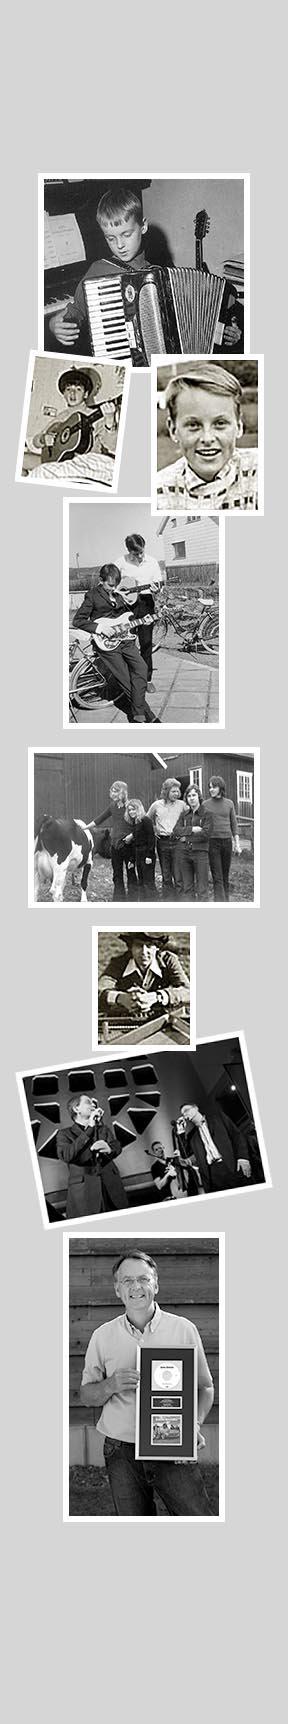 """Bilder som visar Roland Utbult genom åren. Intresserad av musik redan som barn. Första bandet: True Gospel Creation. Duett med Tomas Ledin. Platinaskiva för """"Längtan till havet""""."""